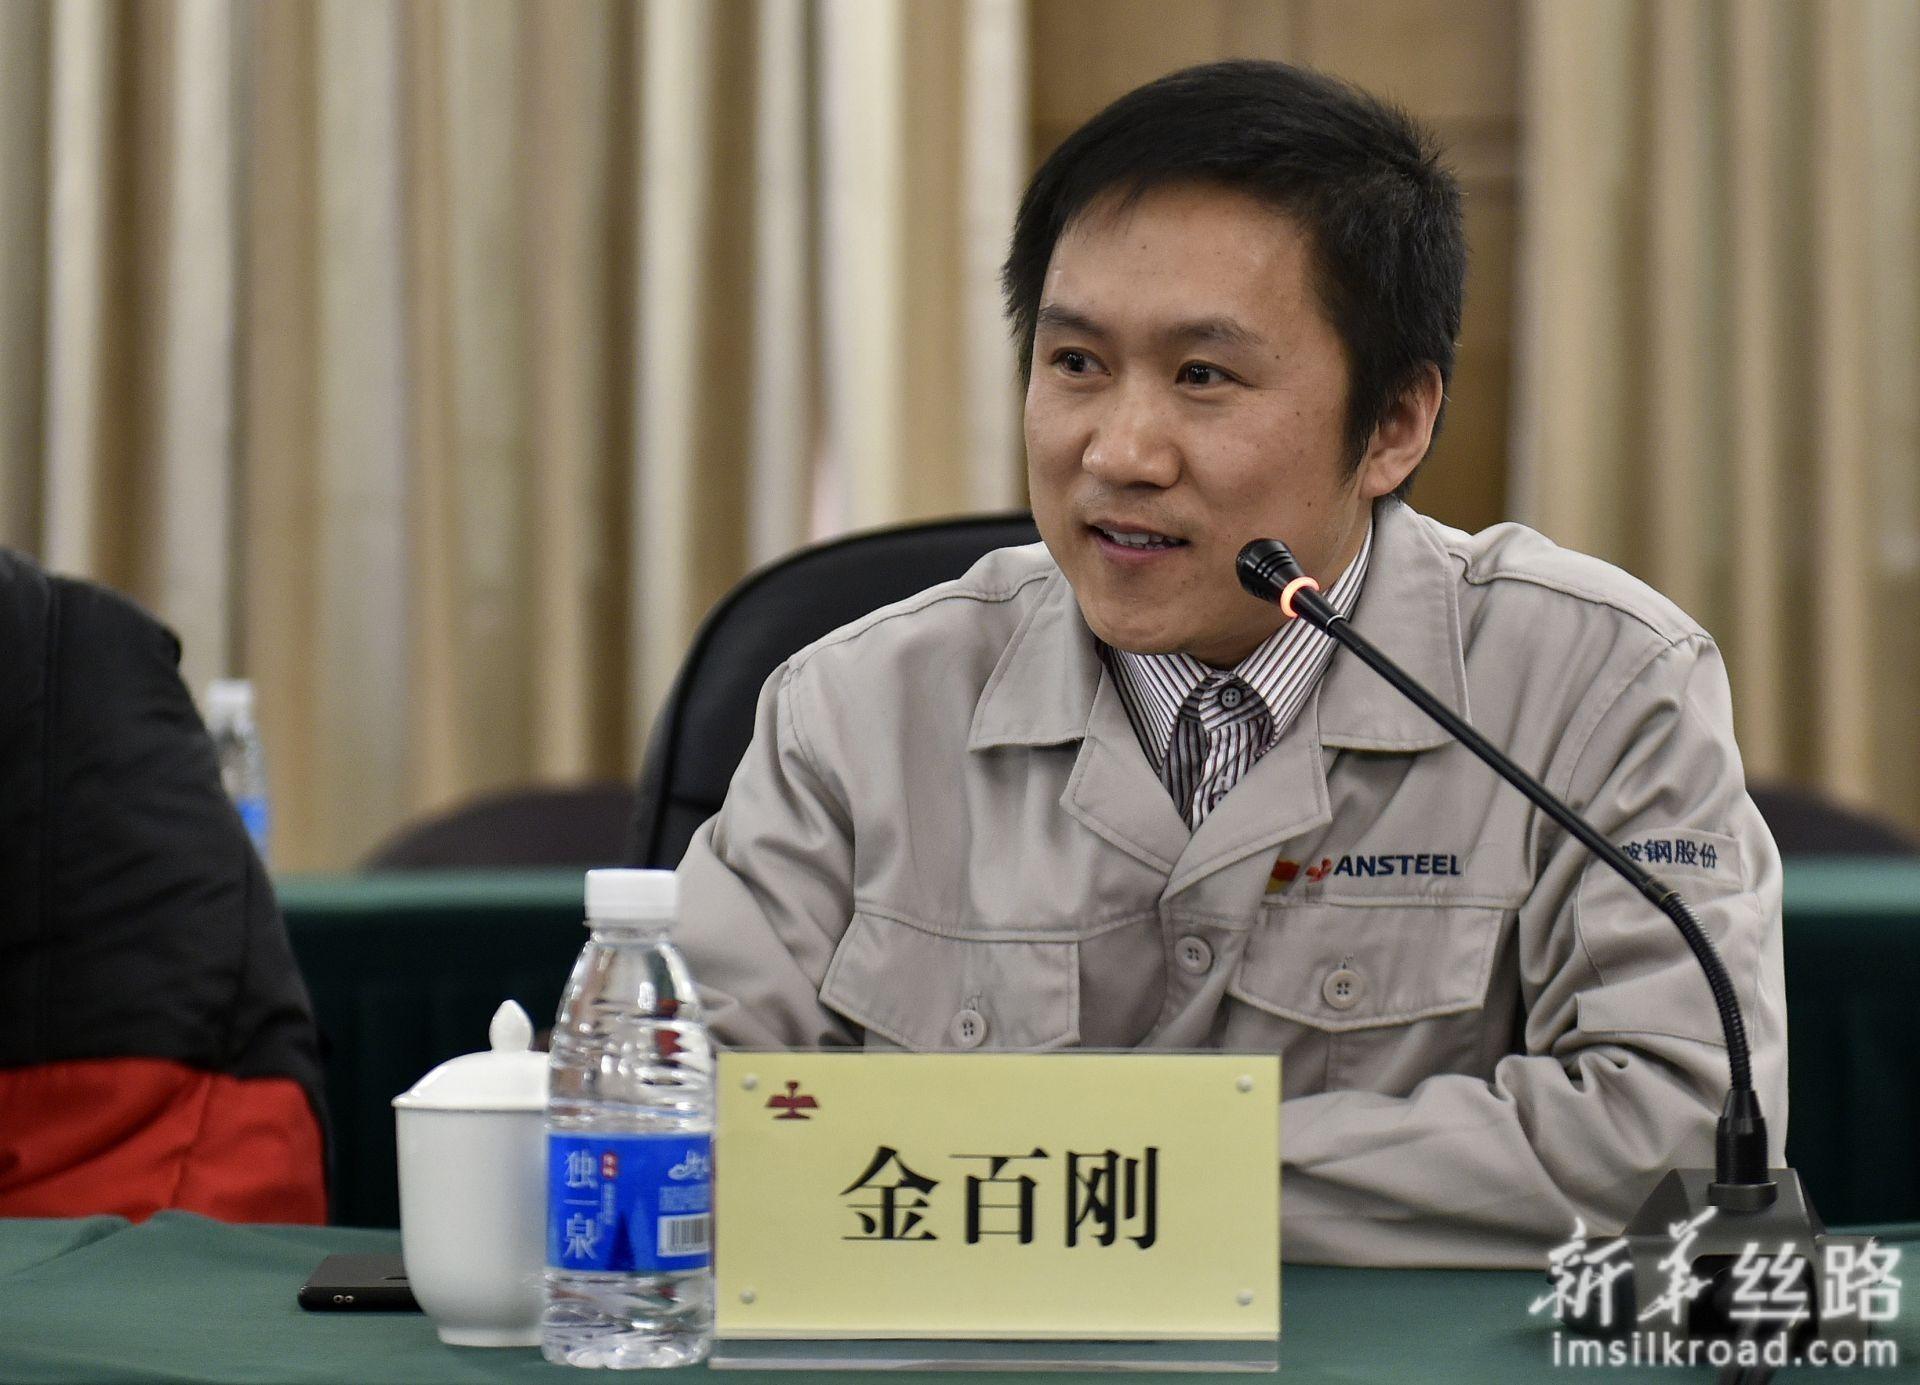 这是鞍钢鲅鱼圈分公司炼钢部工程师金百刚(4月10日摄)。新华社记者 姚剑锋 摄